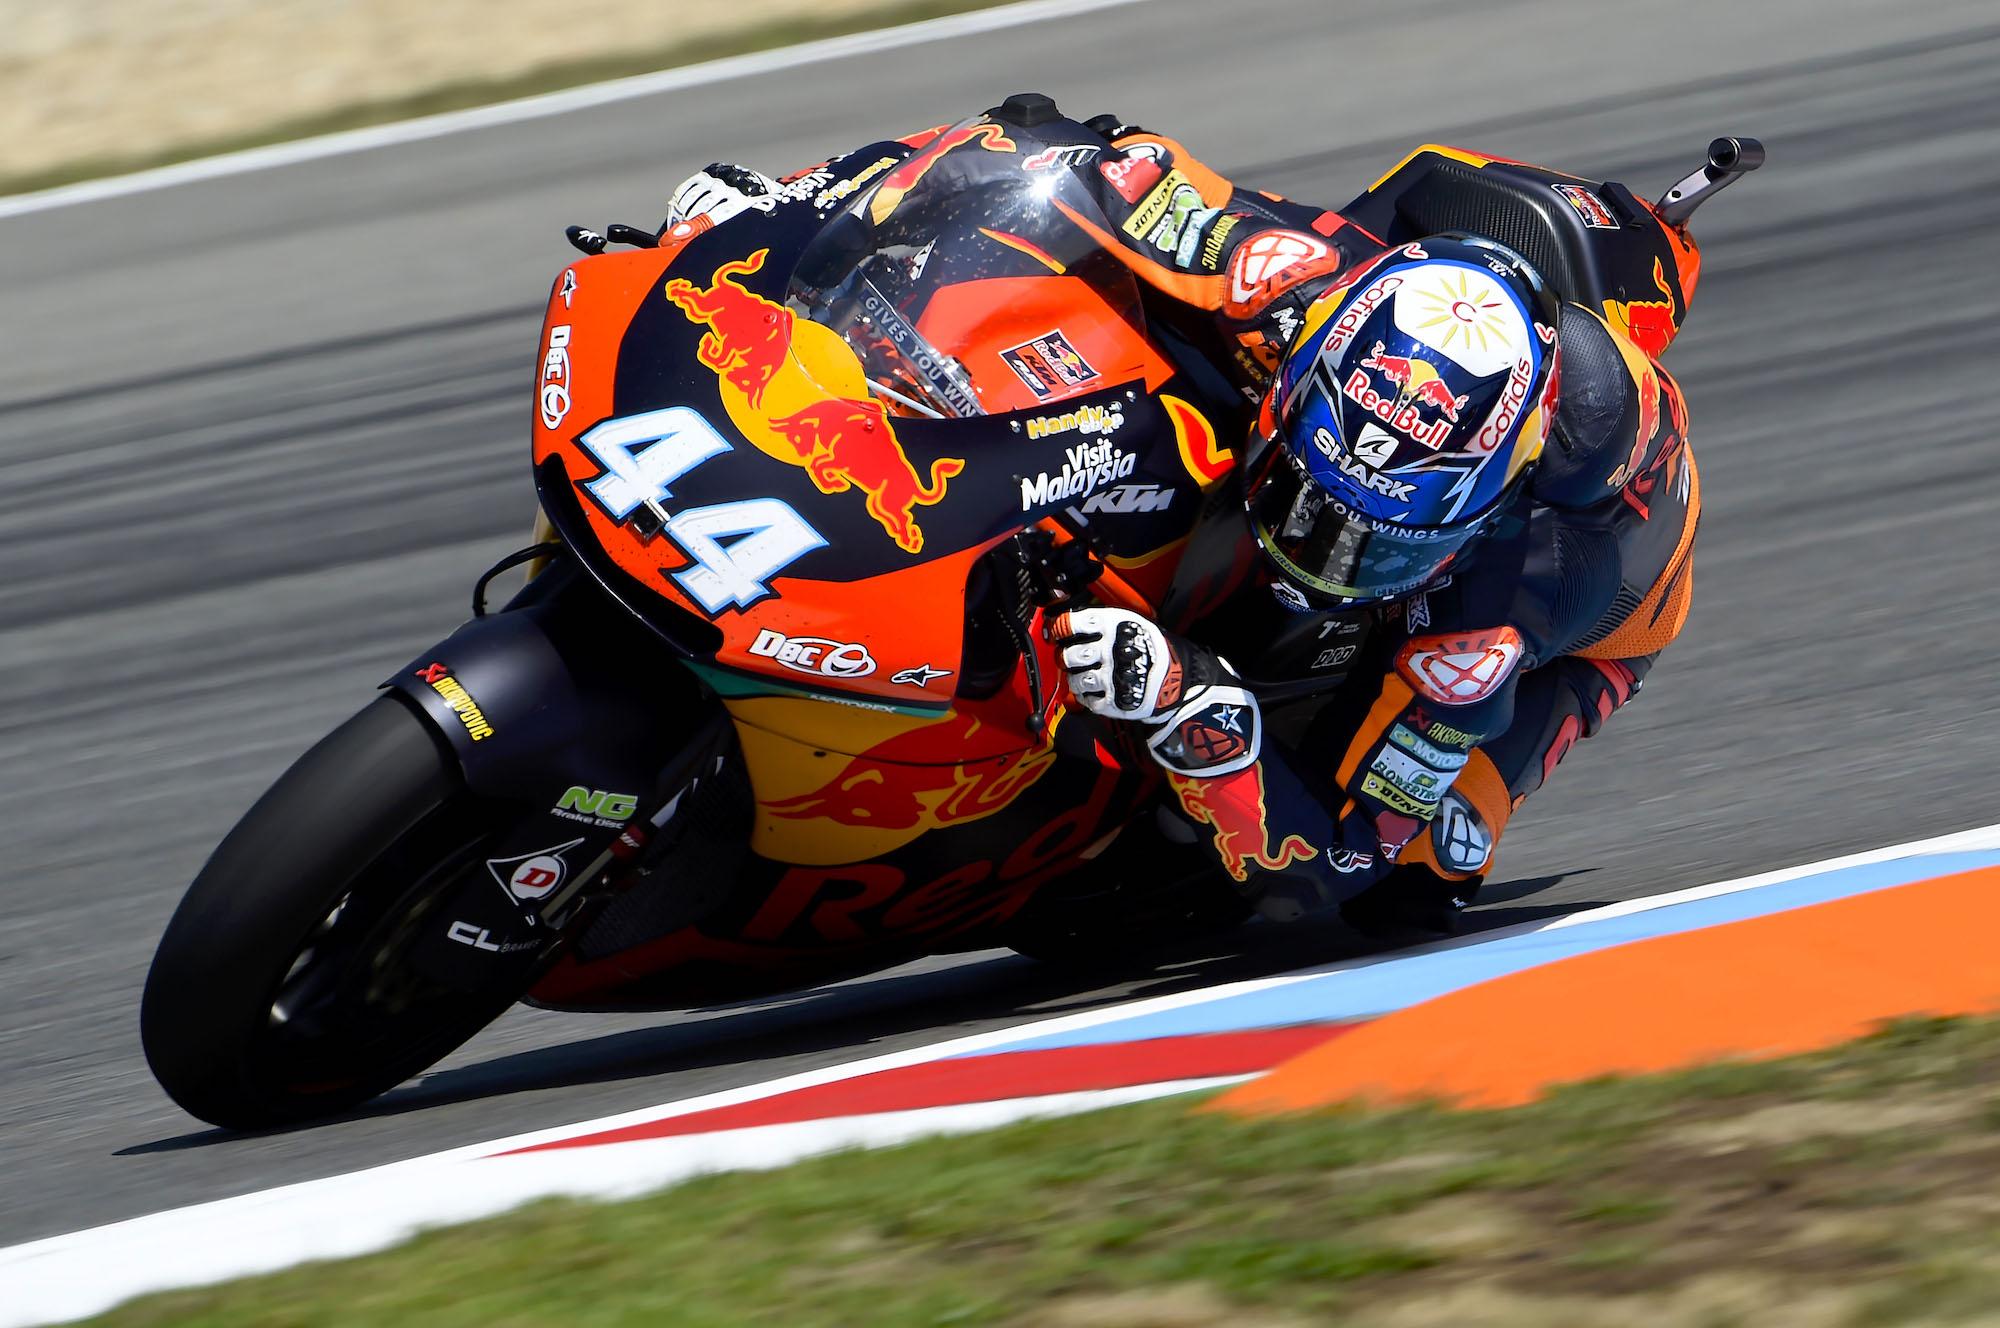 Miguel Oliveira es ya líder de Moto2 tras batirse en un bello duelo con Luca Marini